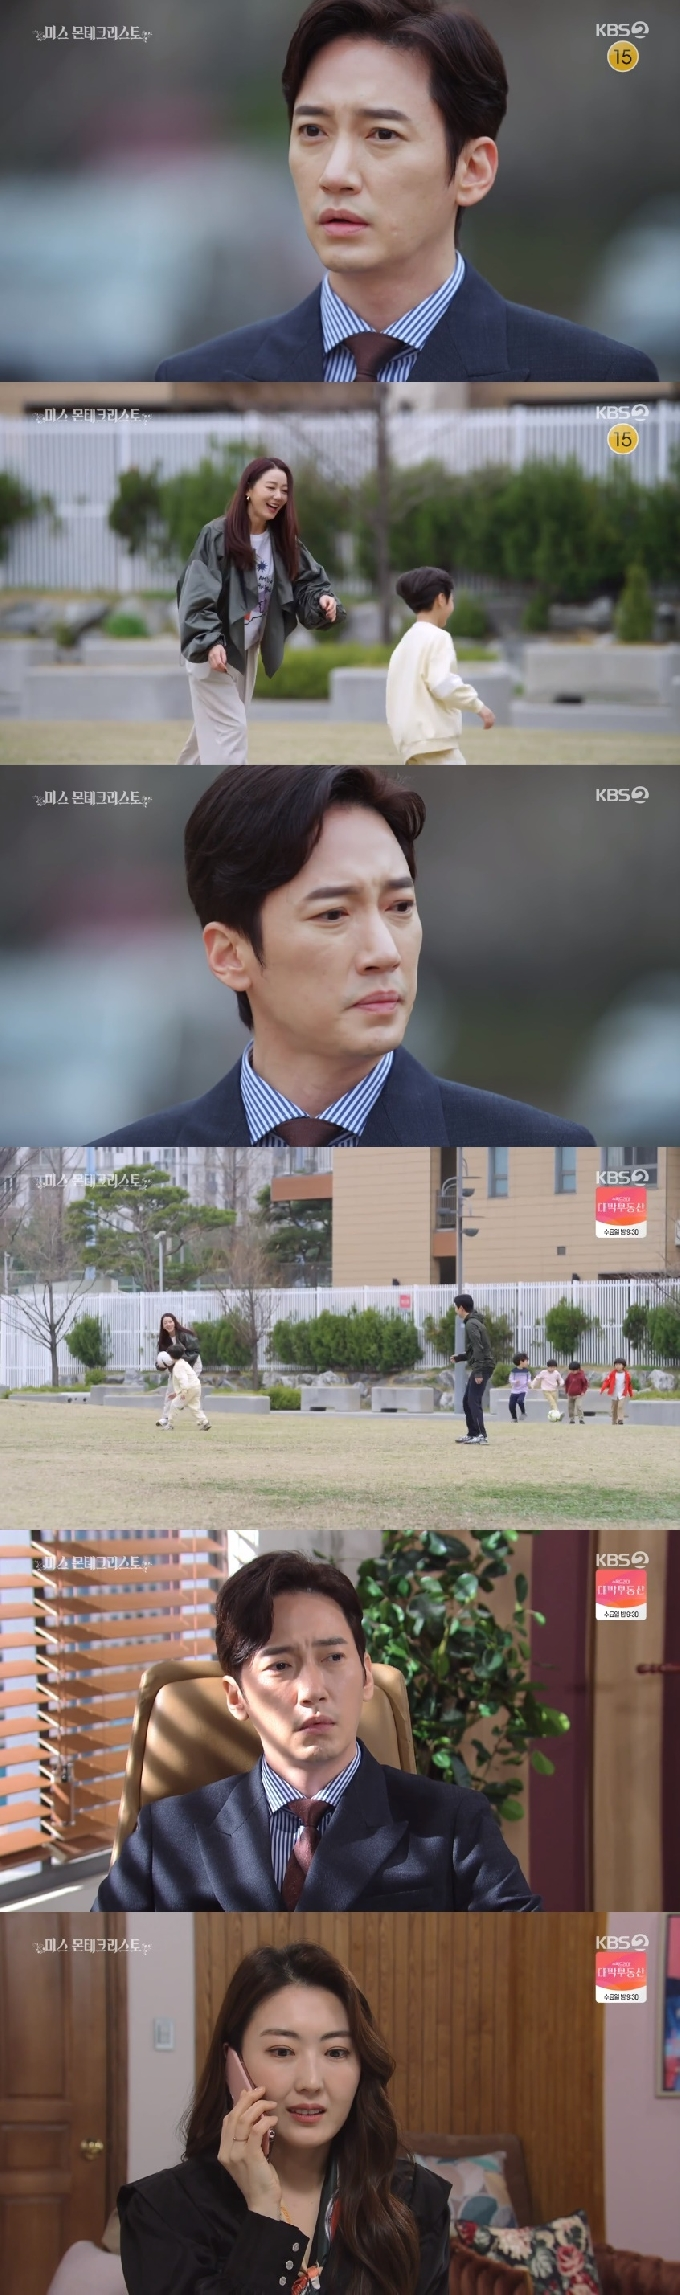 '미스 몬테크리스토' 이상보, 경성환 만난 이소연 목격…